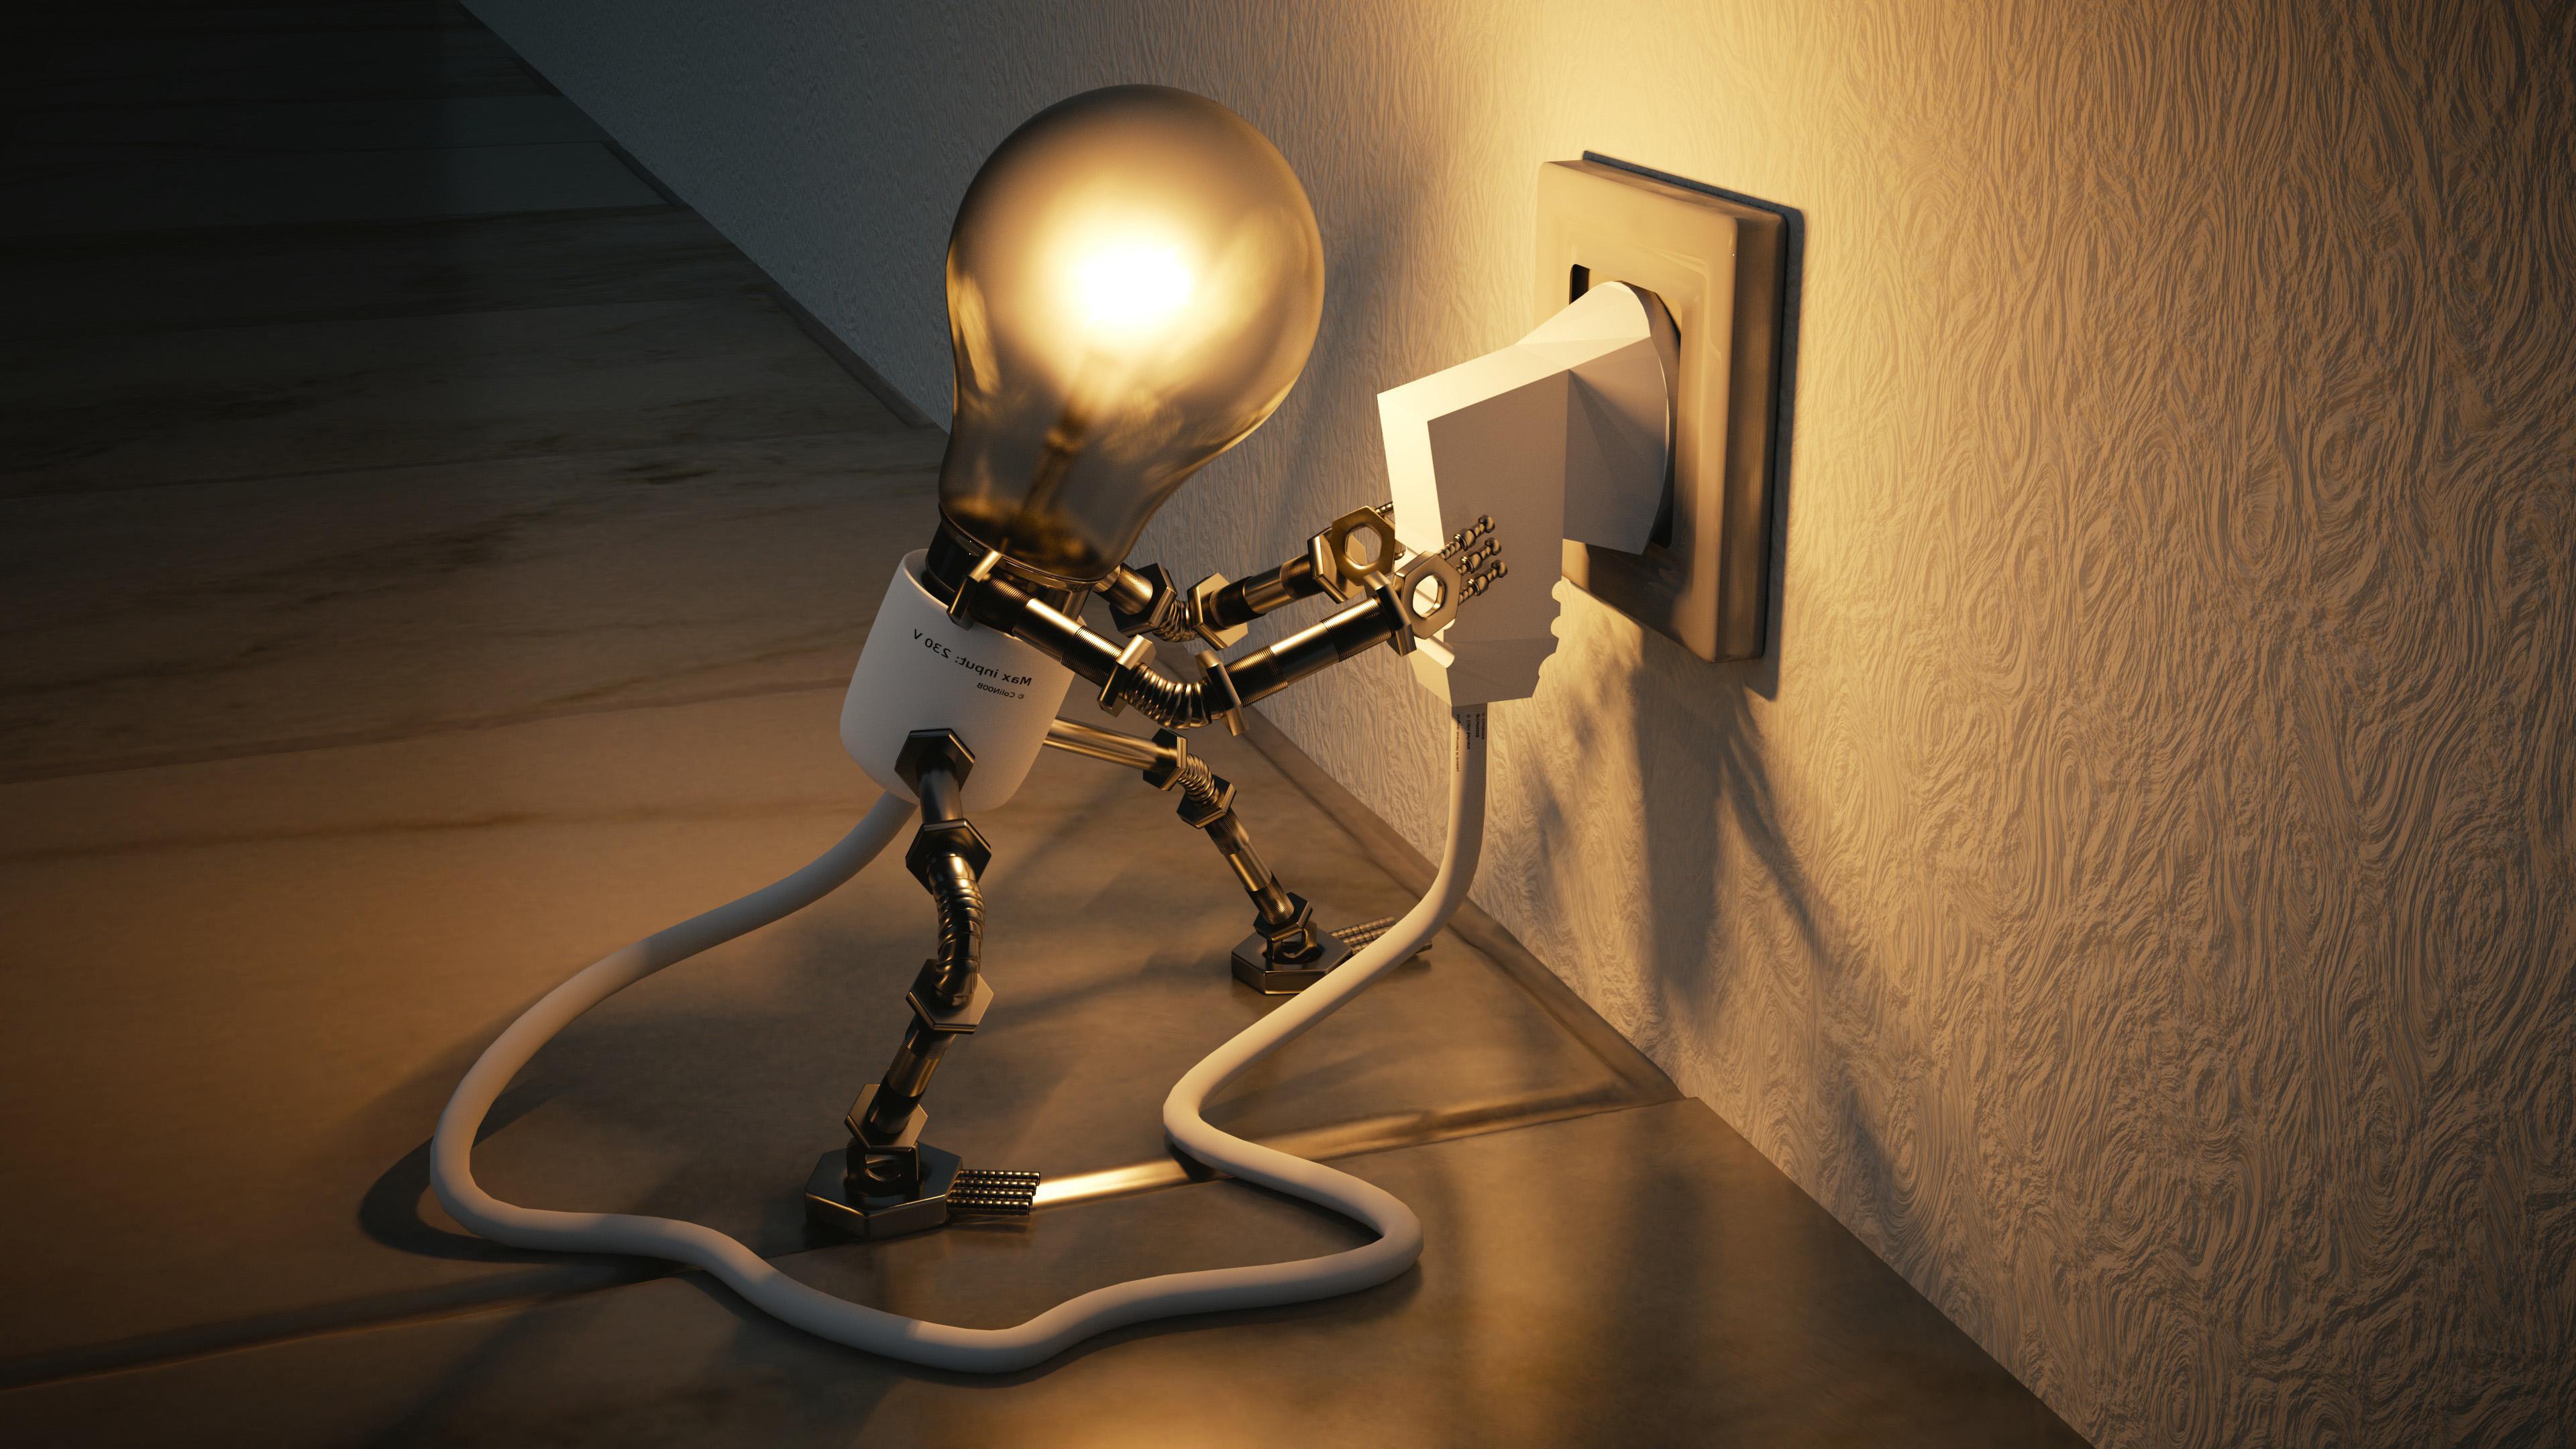 3d графика - Живая лампа заряжается